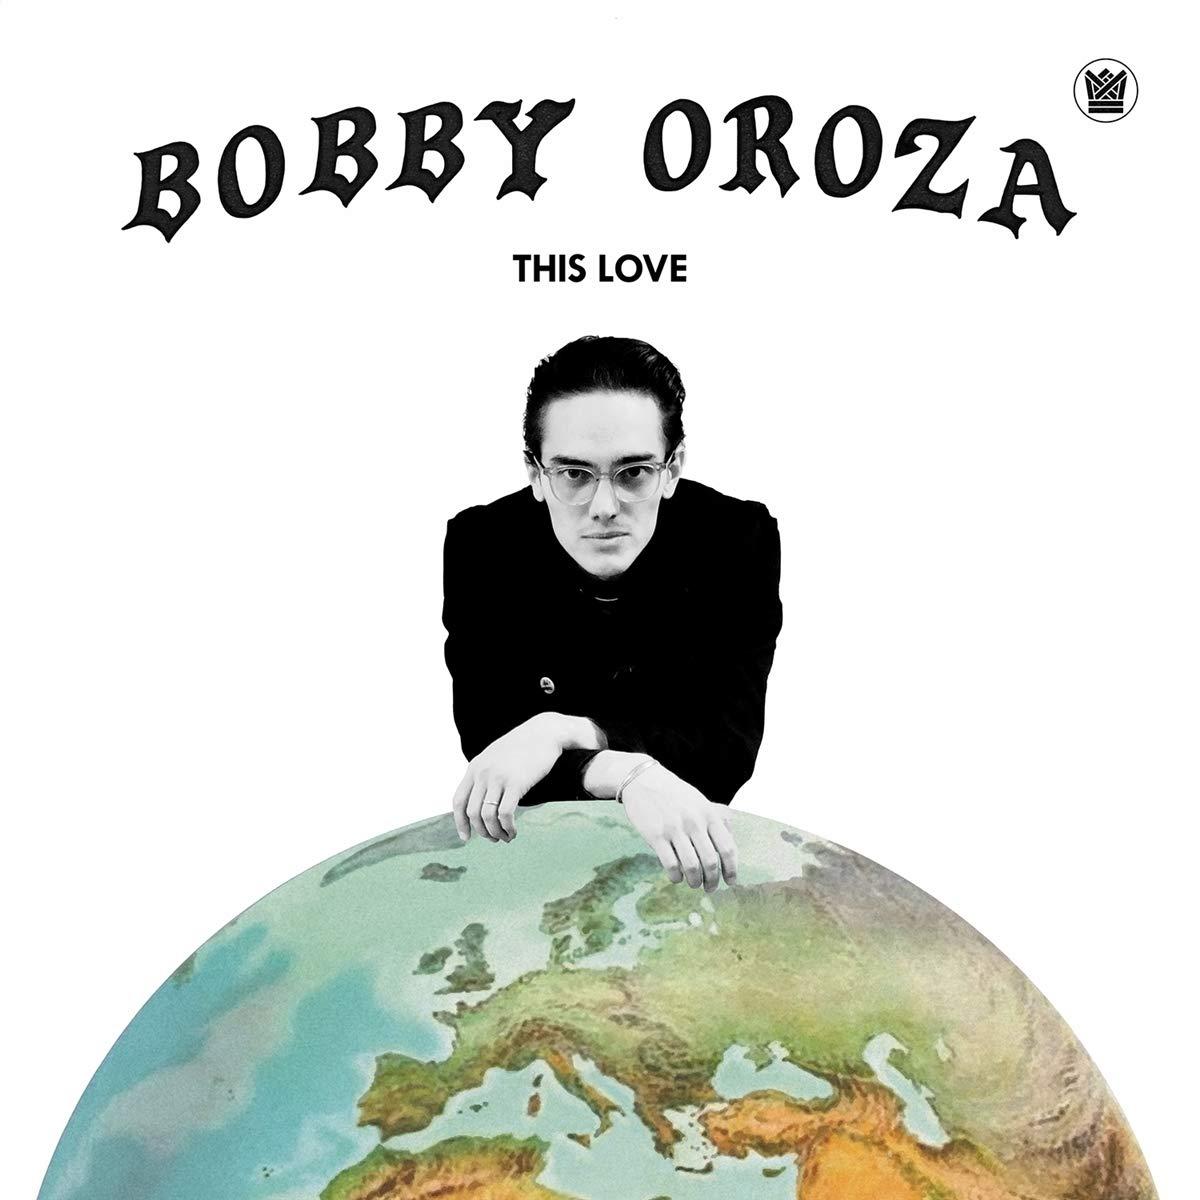 Bobby Oroza